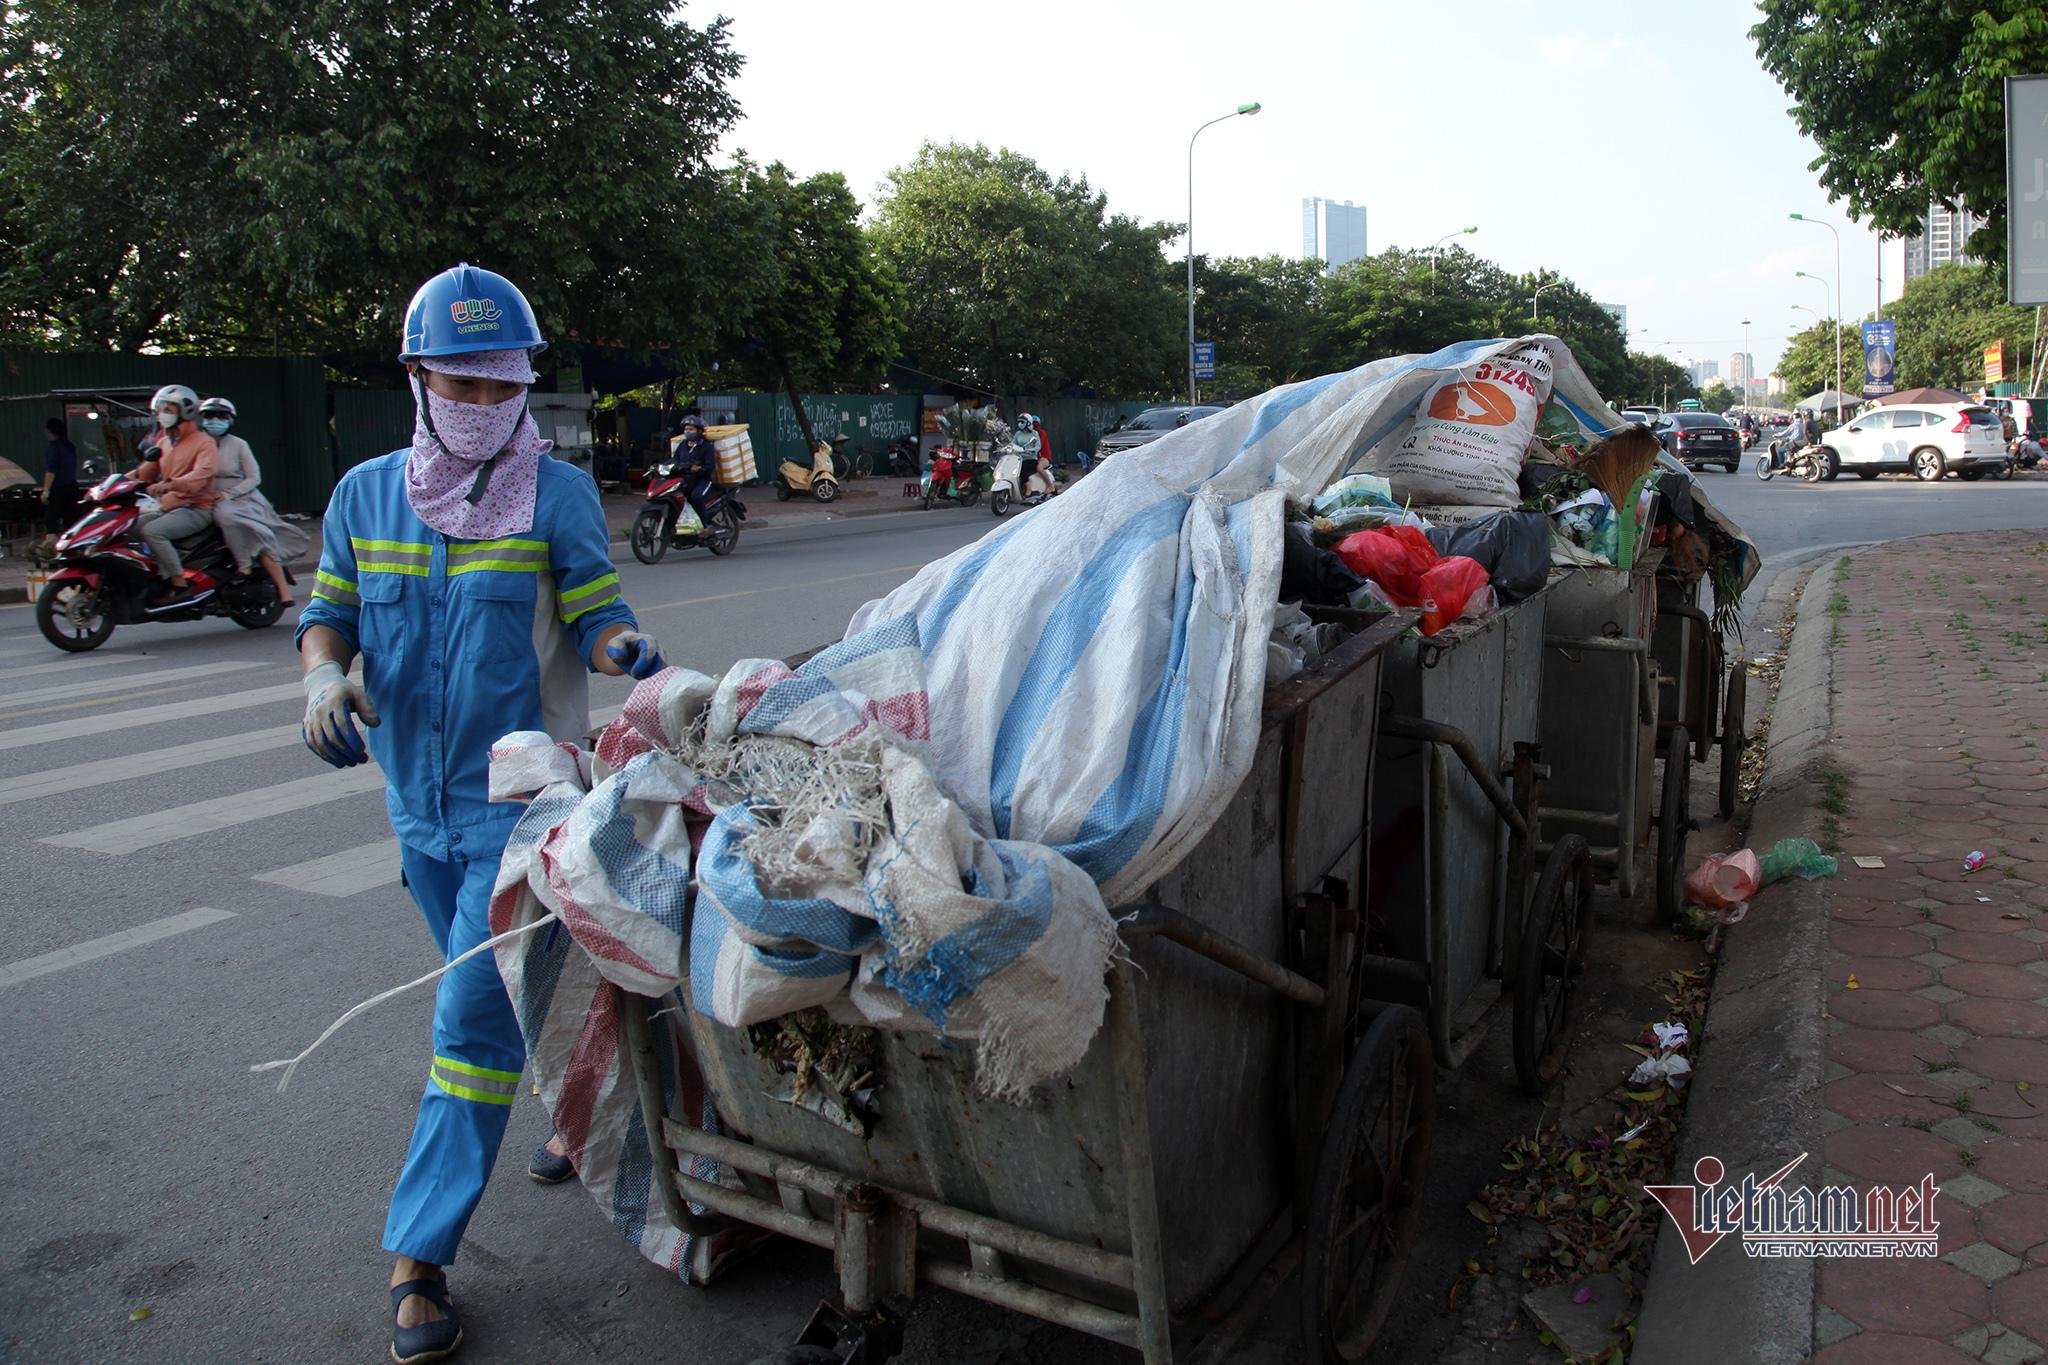 Cất tấm bằng cử nhân, người mẹ đi dọn rác, làm xe ôm nuôi con tự kỷ-8